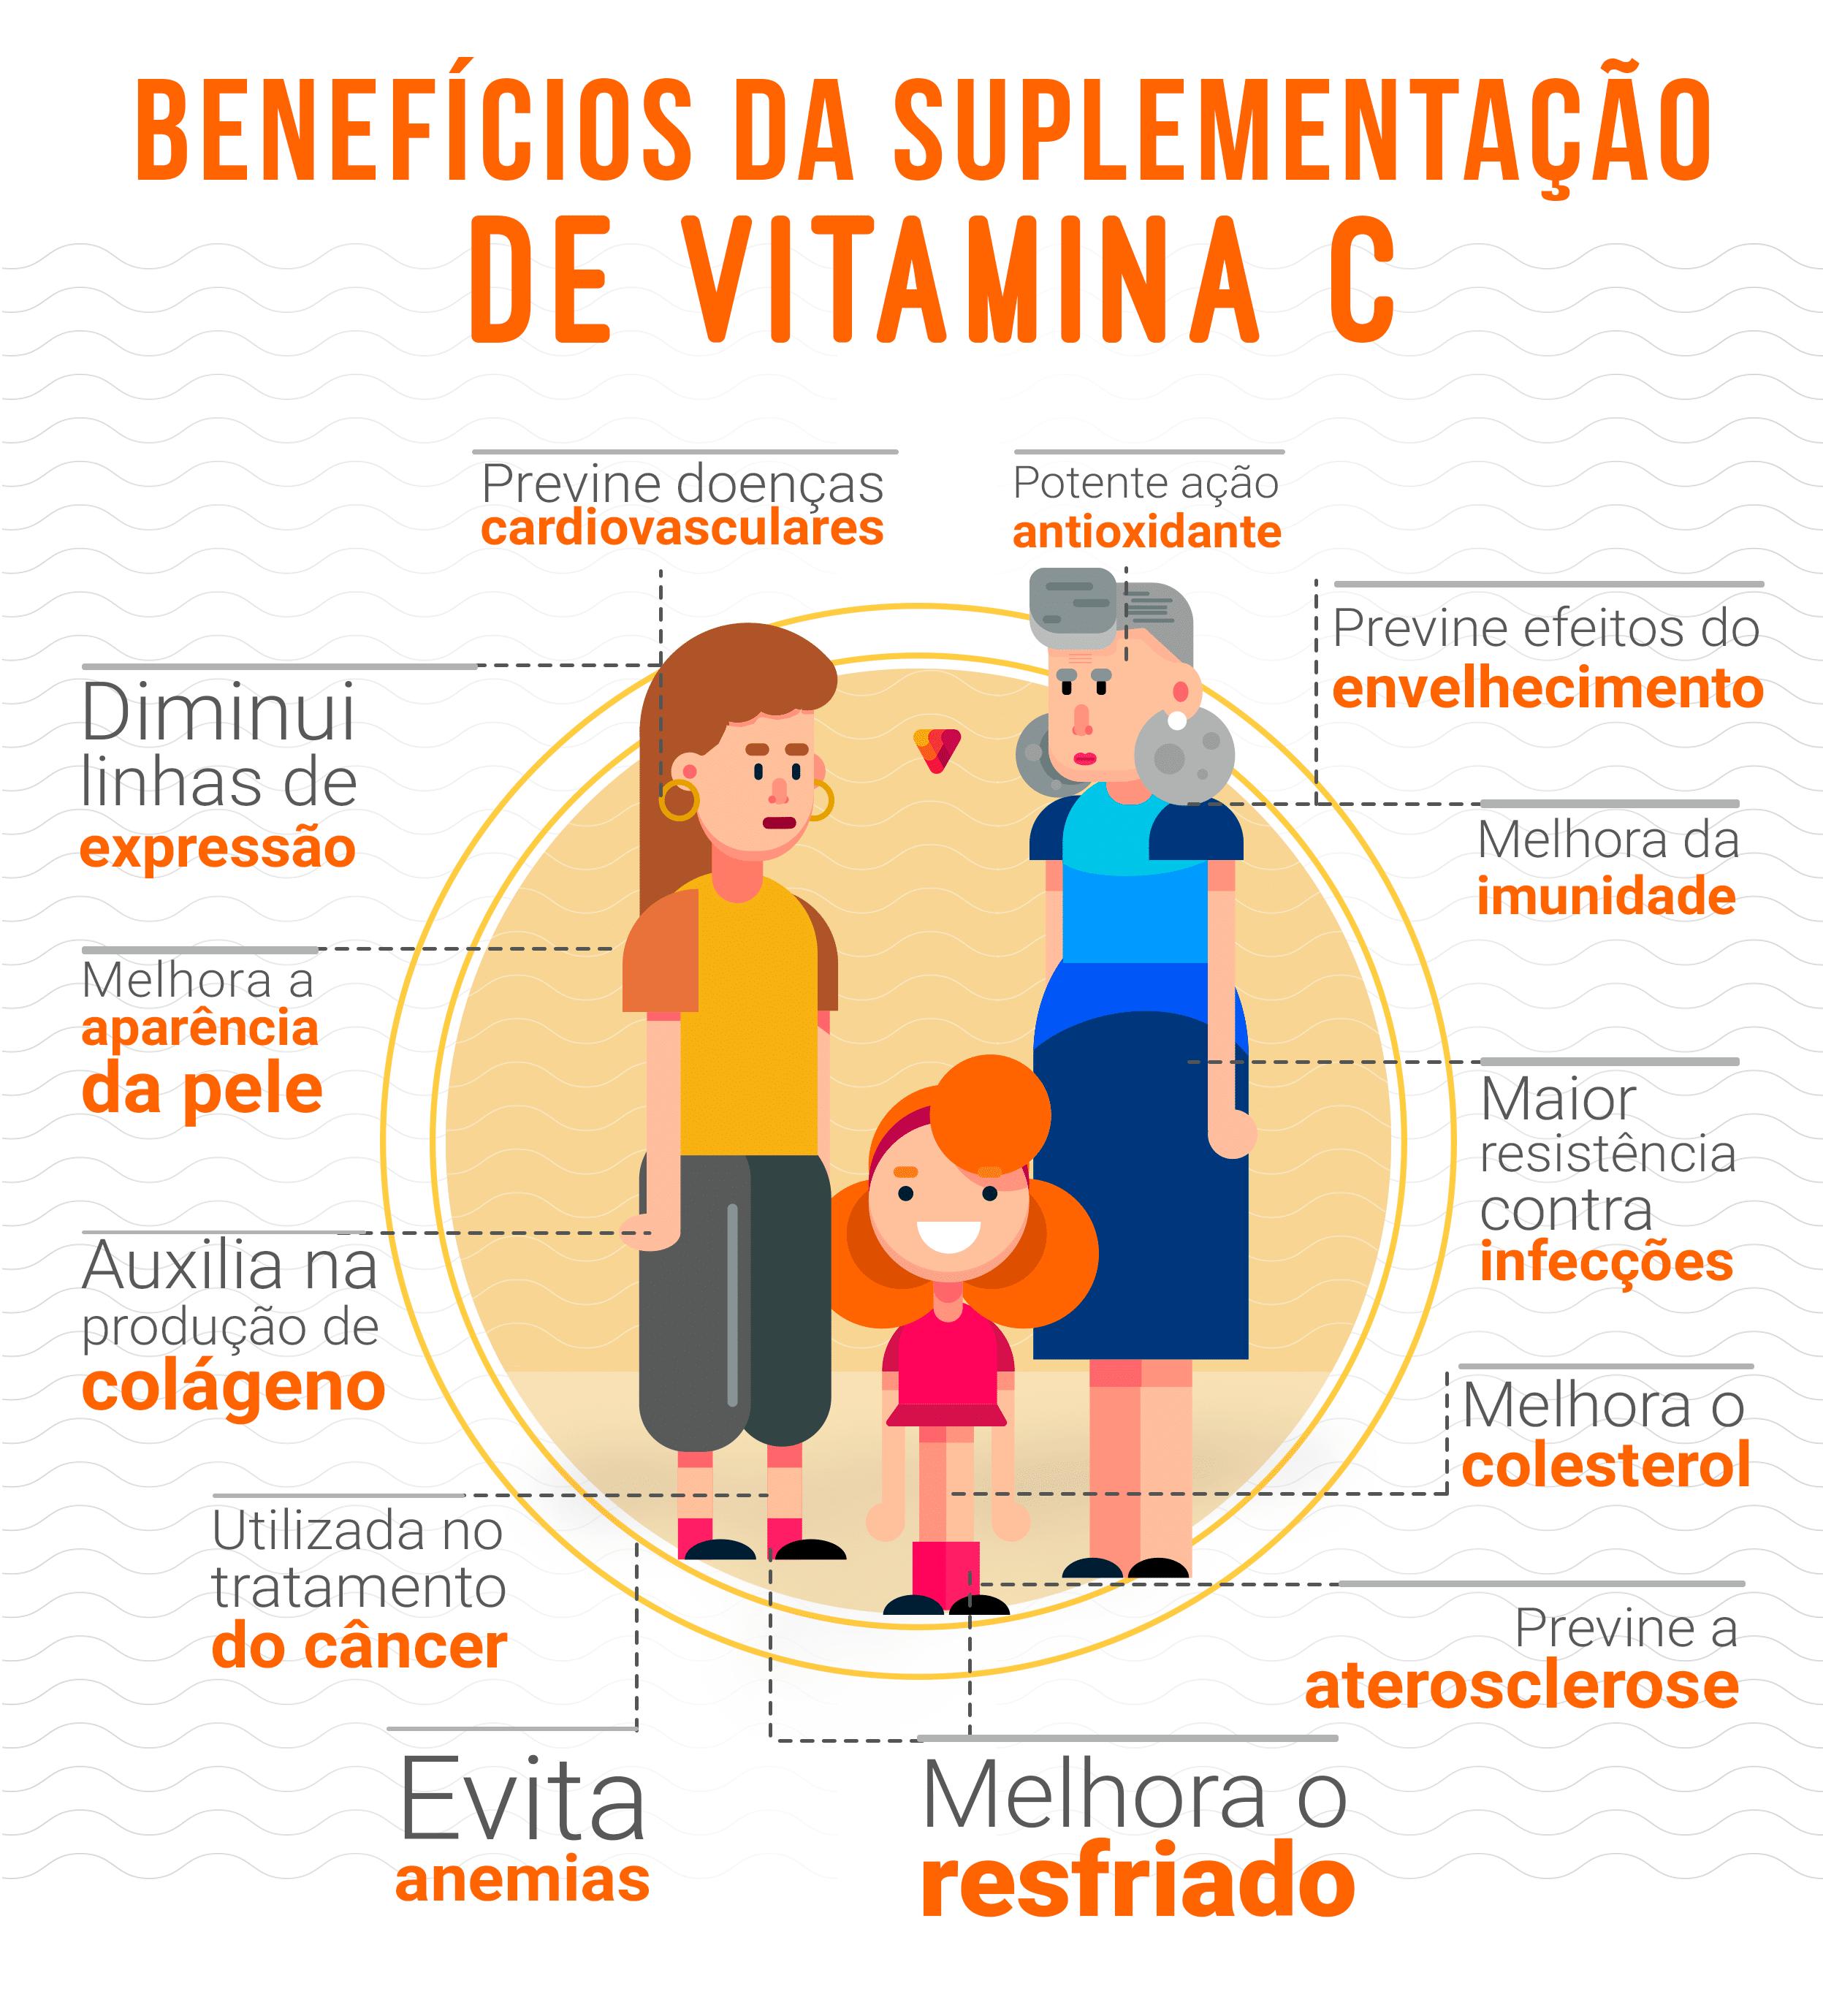 Benefícios da vitamina C.